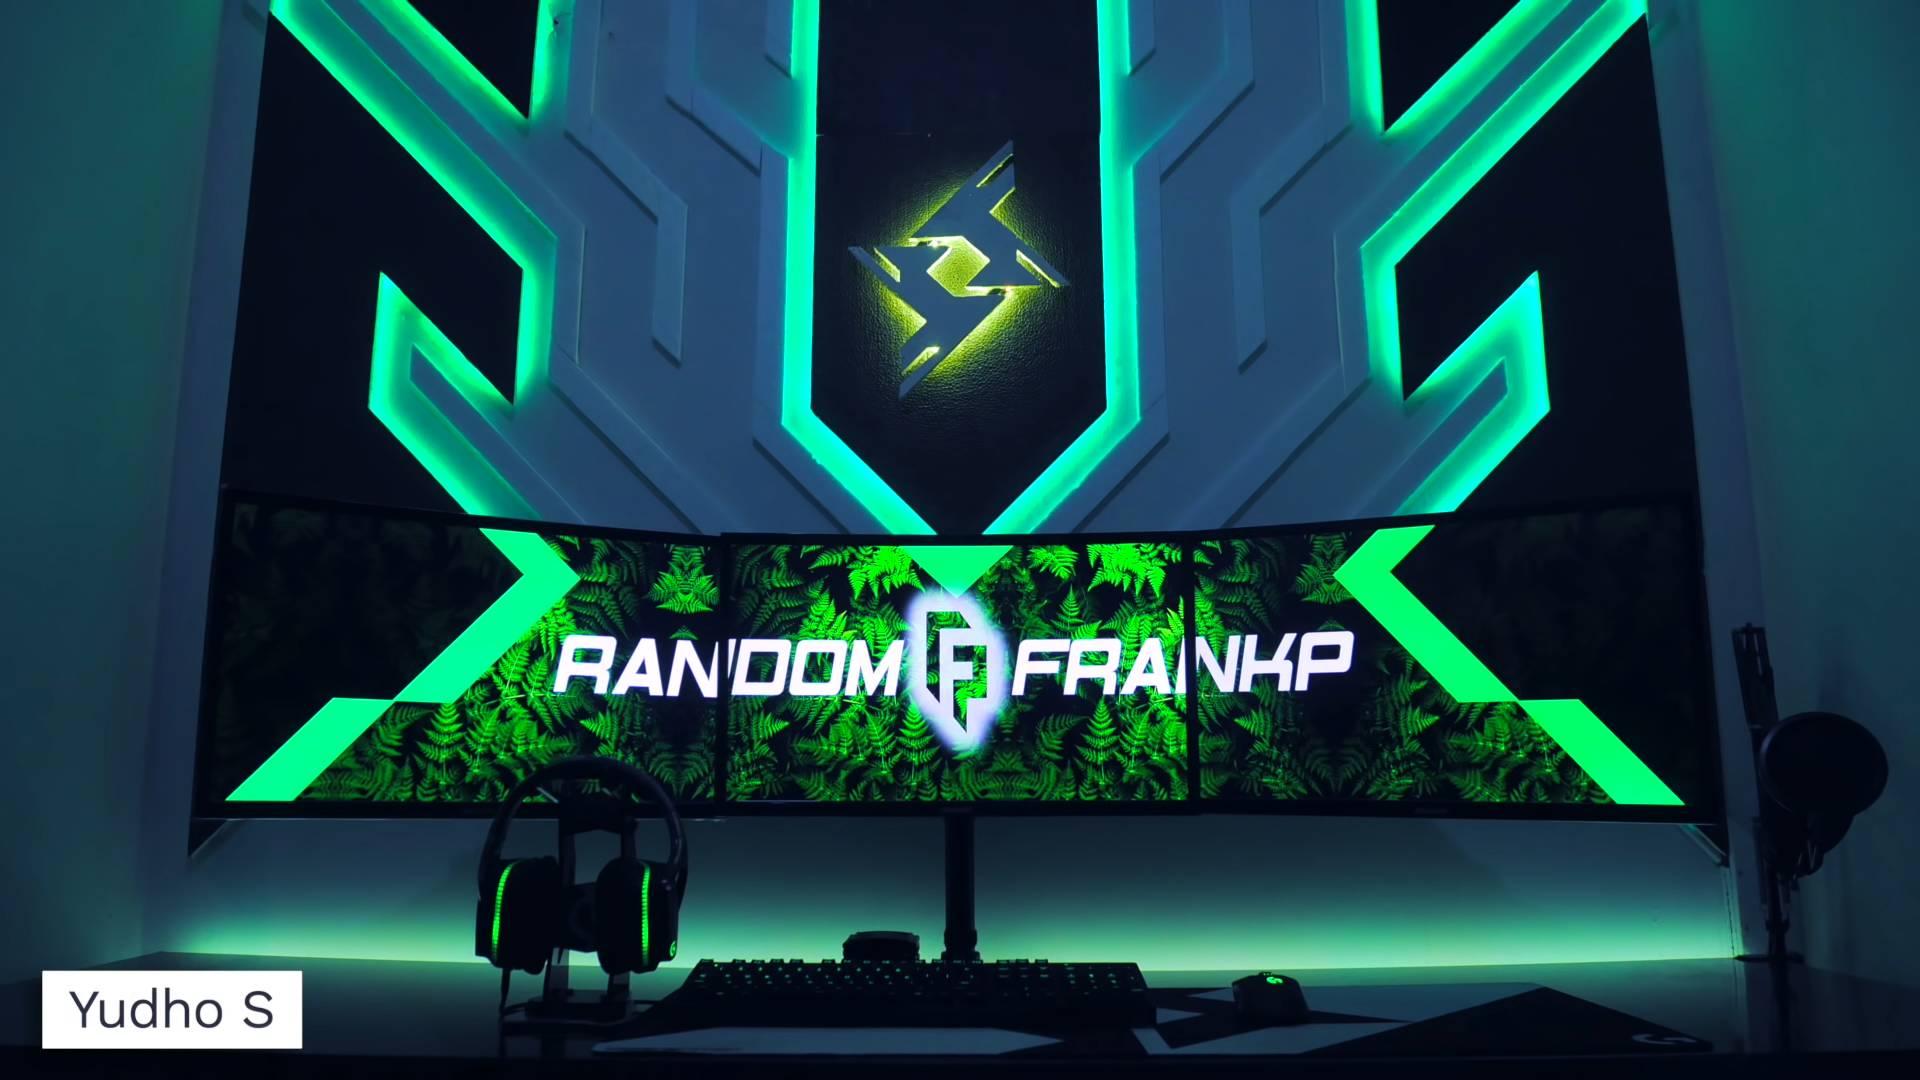 ysgeneration's Setup - CYBERJUNKPROJECT | Randomfrankp | Room Tour Project 212 - BEST Gaming Setups! | Scooget